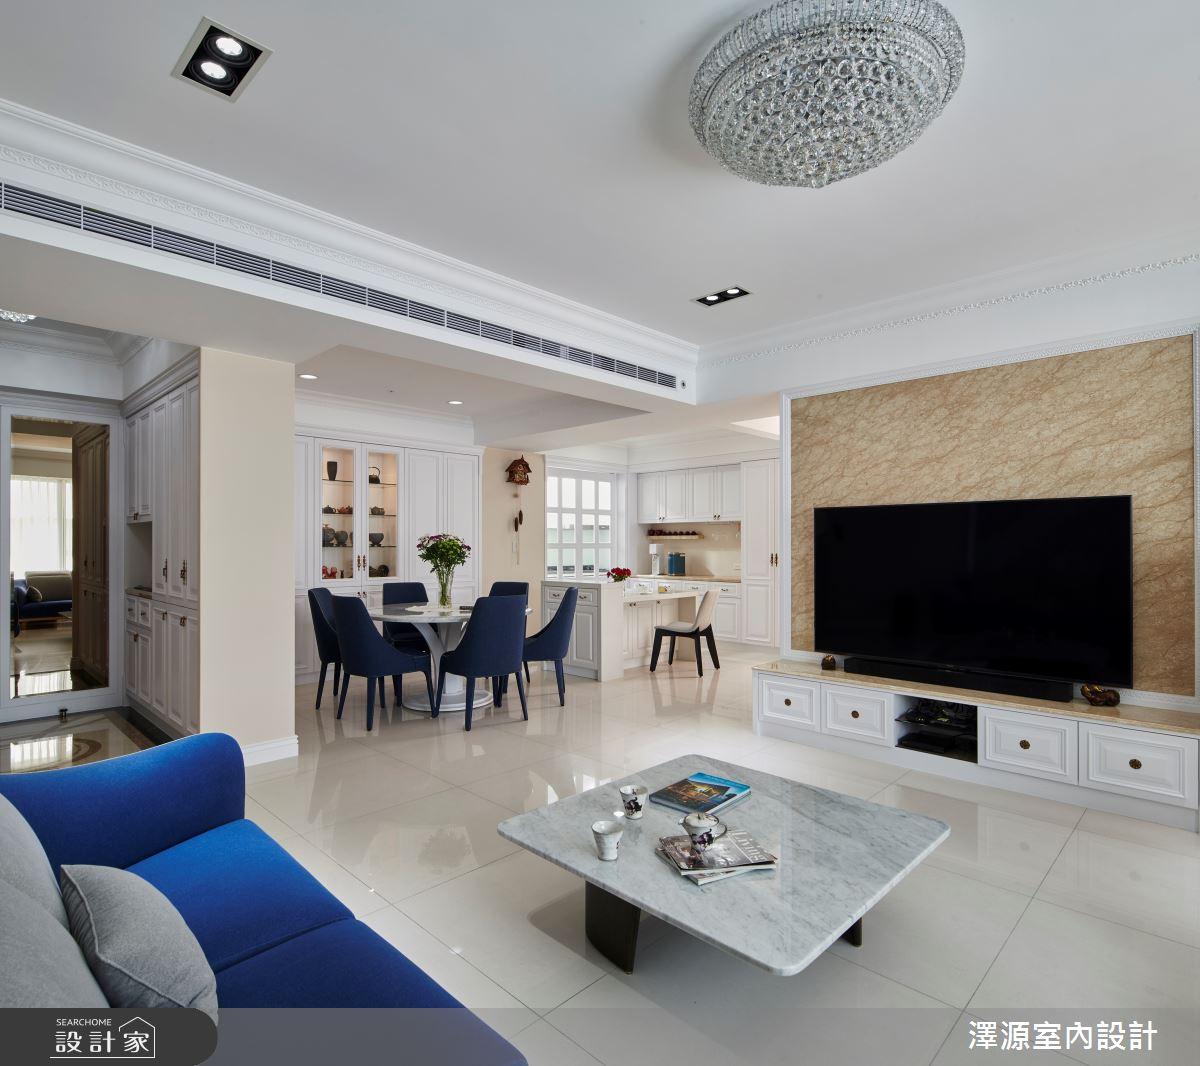 40坪新成屋(5年以下)_美式風餐廳案例圖片_澤源室內設計_澤源_18之3